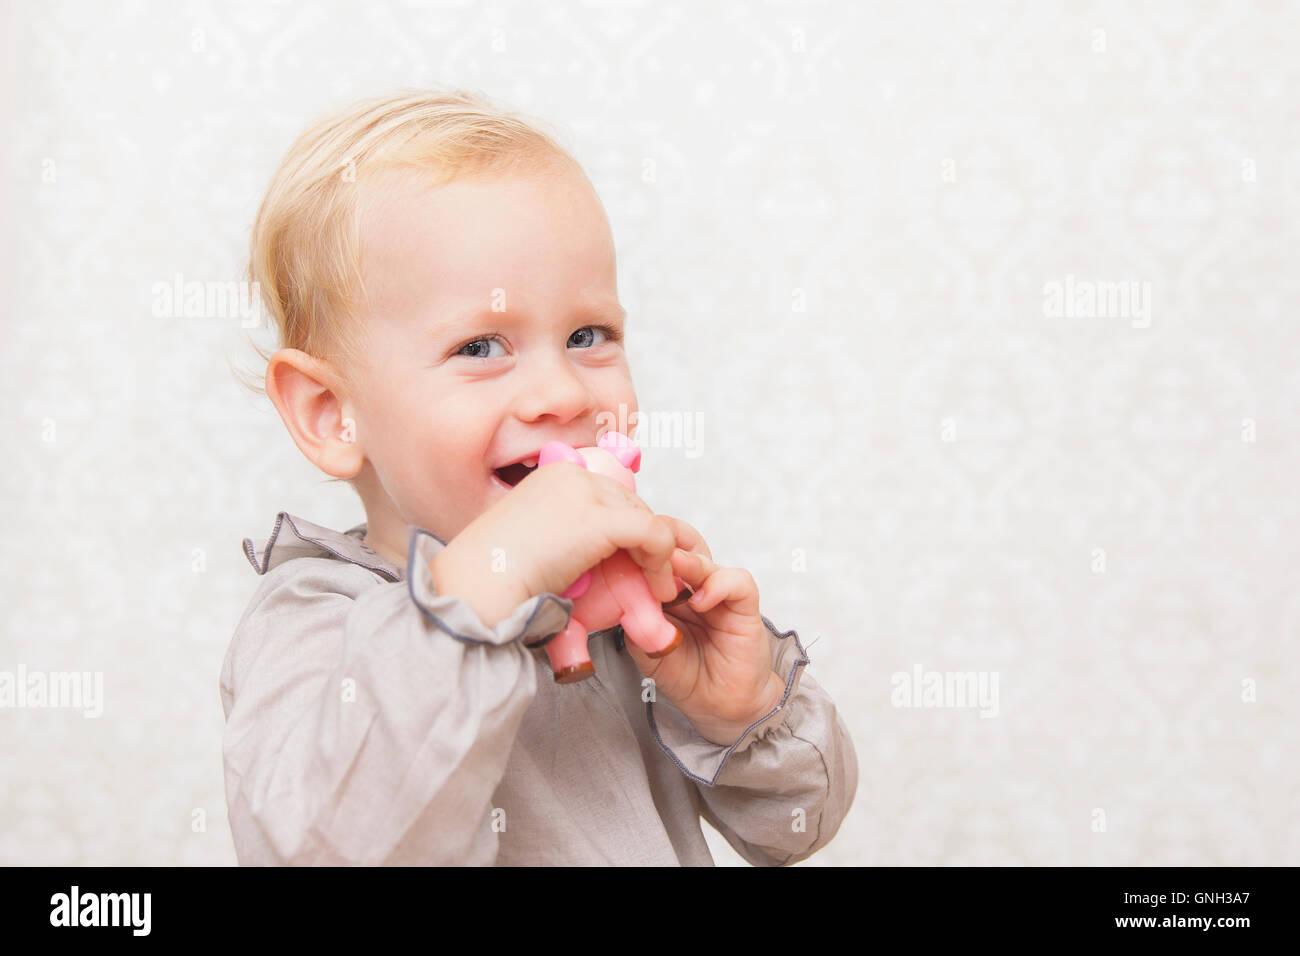 Retrato de un sonriente niño sosteniendo un juguete rosa Foto de stock